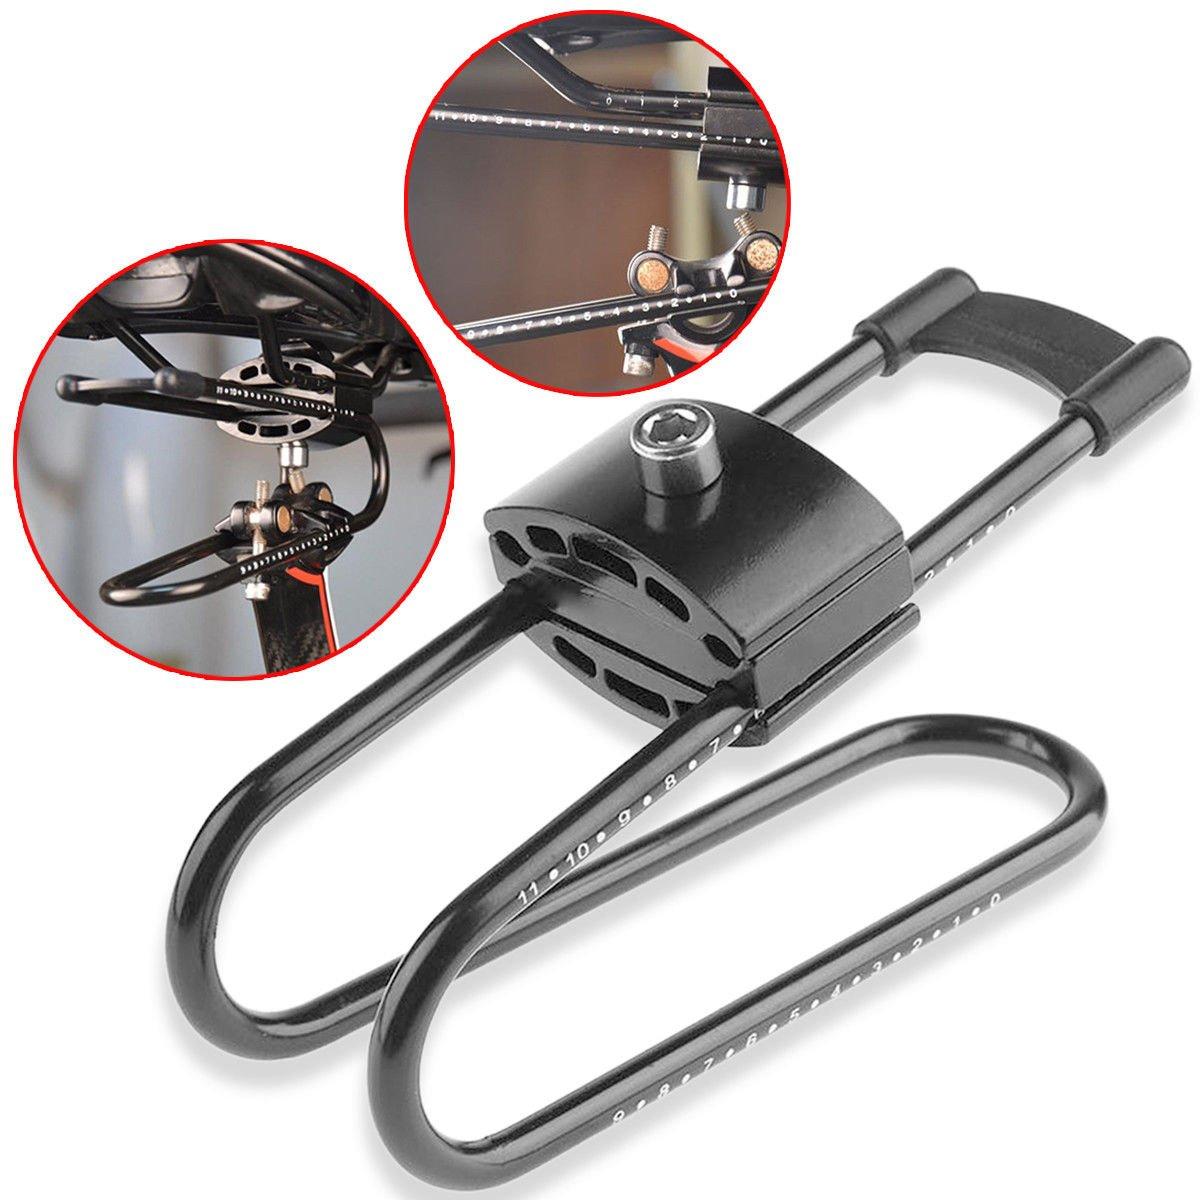 FidgetFidget Steel Adjustable Bike Saddle Suspension Device Alloy Spring Shock Absorber